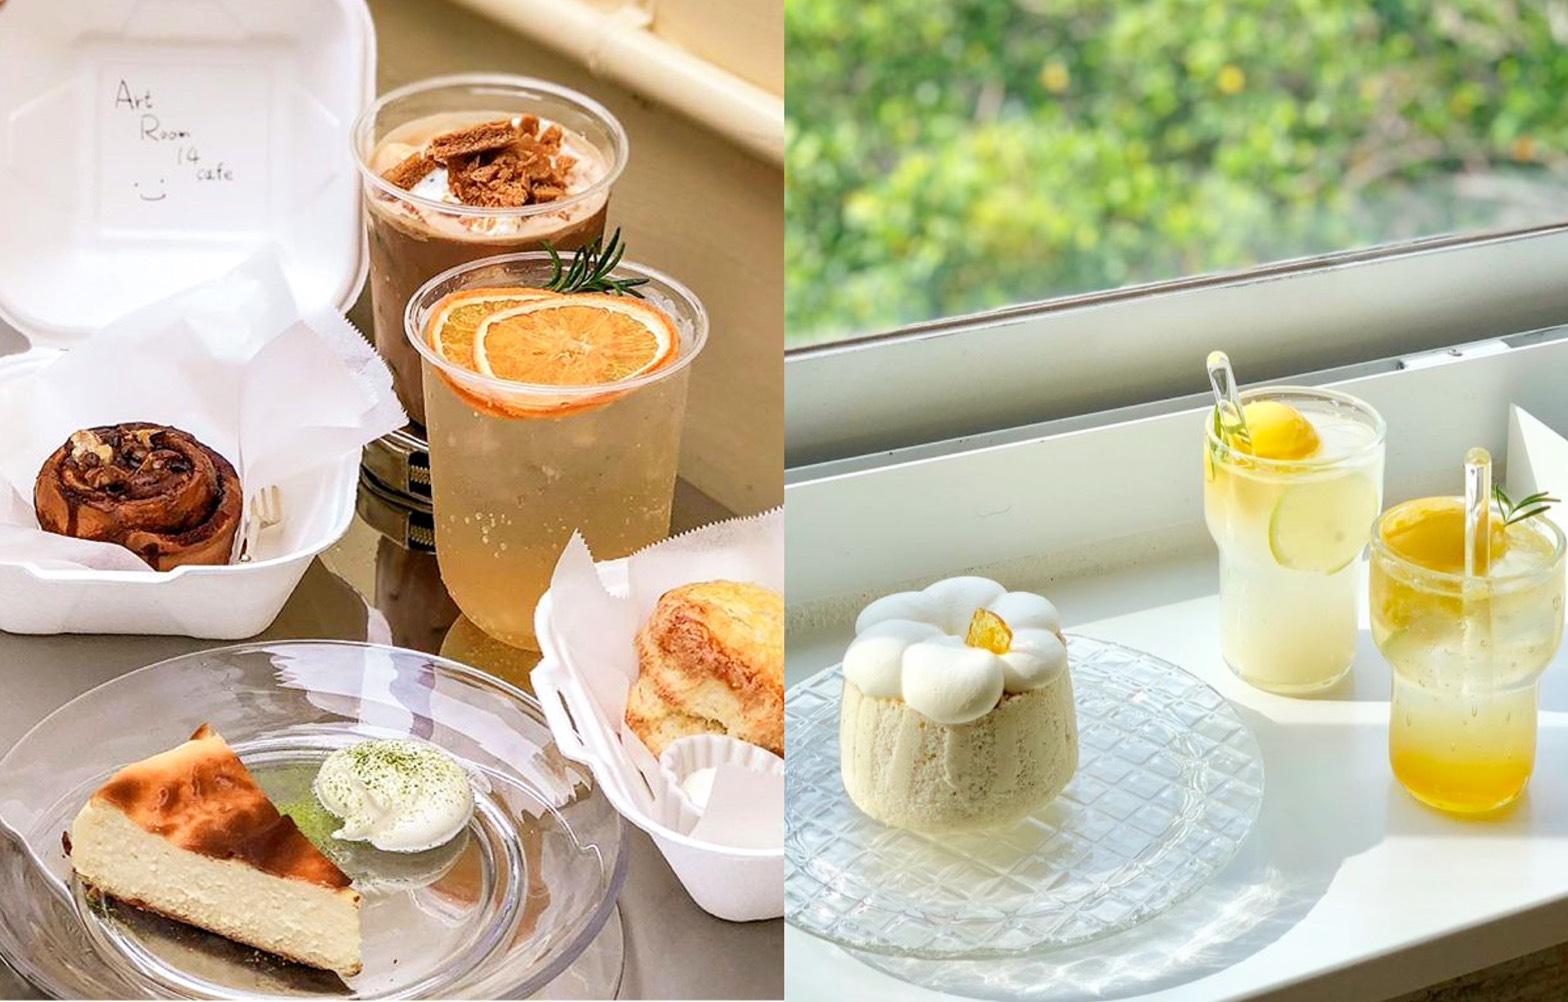 新竹咖啡廳推薦 | 嚴選12 間新竹人一定知道的咖啡廳,橫掃IG美食圈的打卡店!